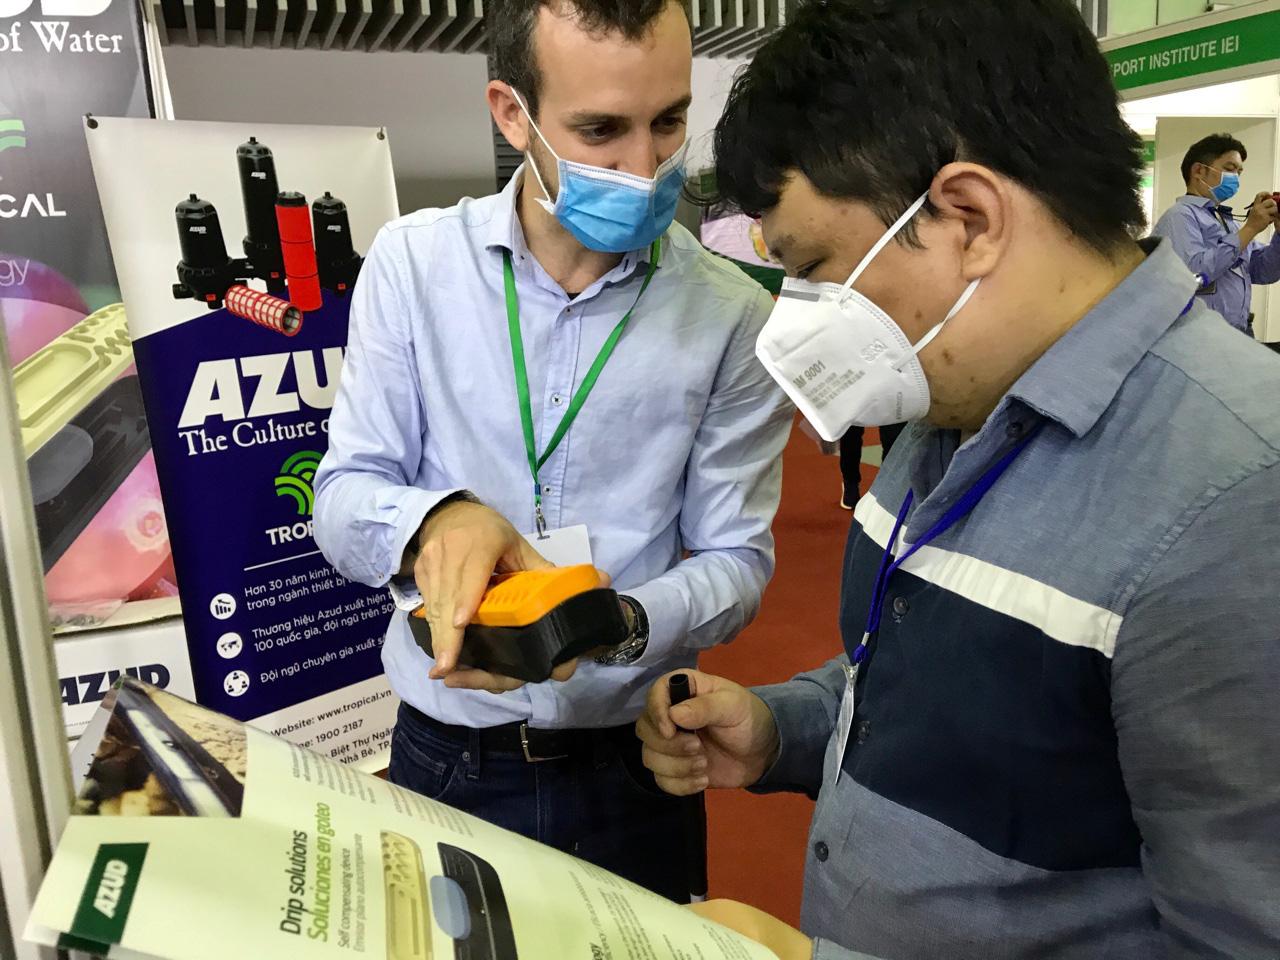 Đẩy mạnh xuất khẩu rau quả sang Thái Lan, Mỹ, EU…để giảm áp lực thị trường Trung Quốc bị ngưng trệ do dịch Covid-19 - Ảnh 3.